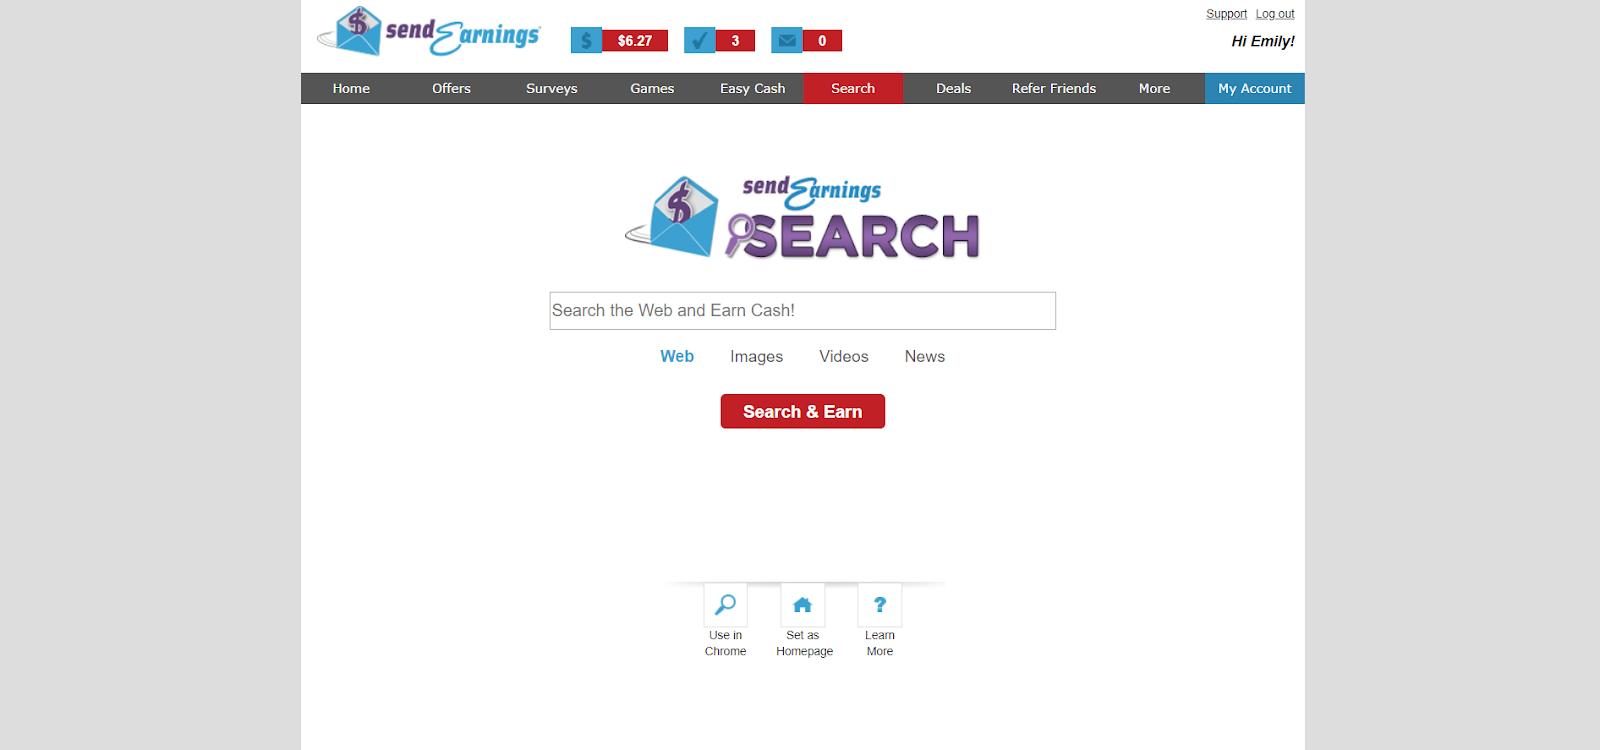 Captura de pantalla de la página de búsqueda SendEarnings